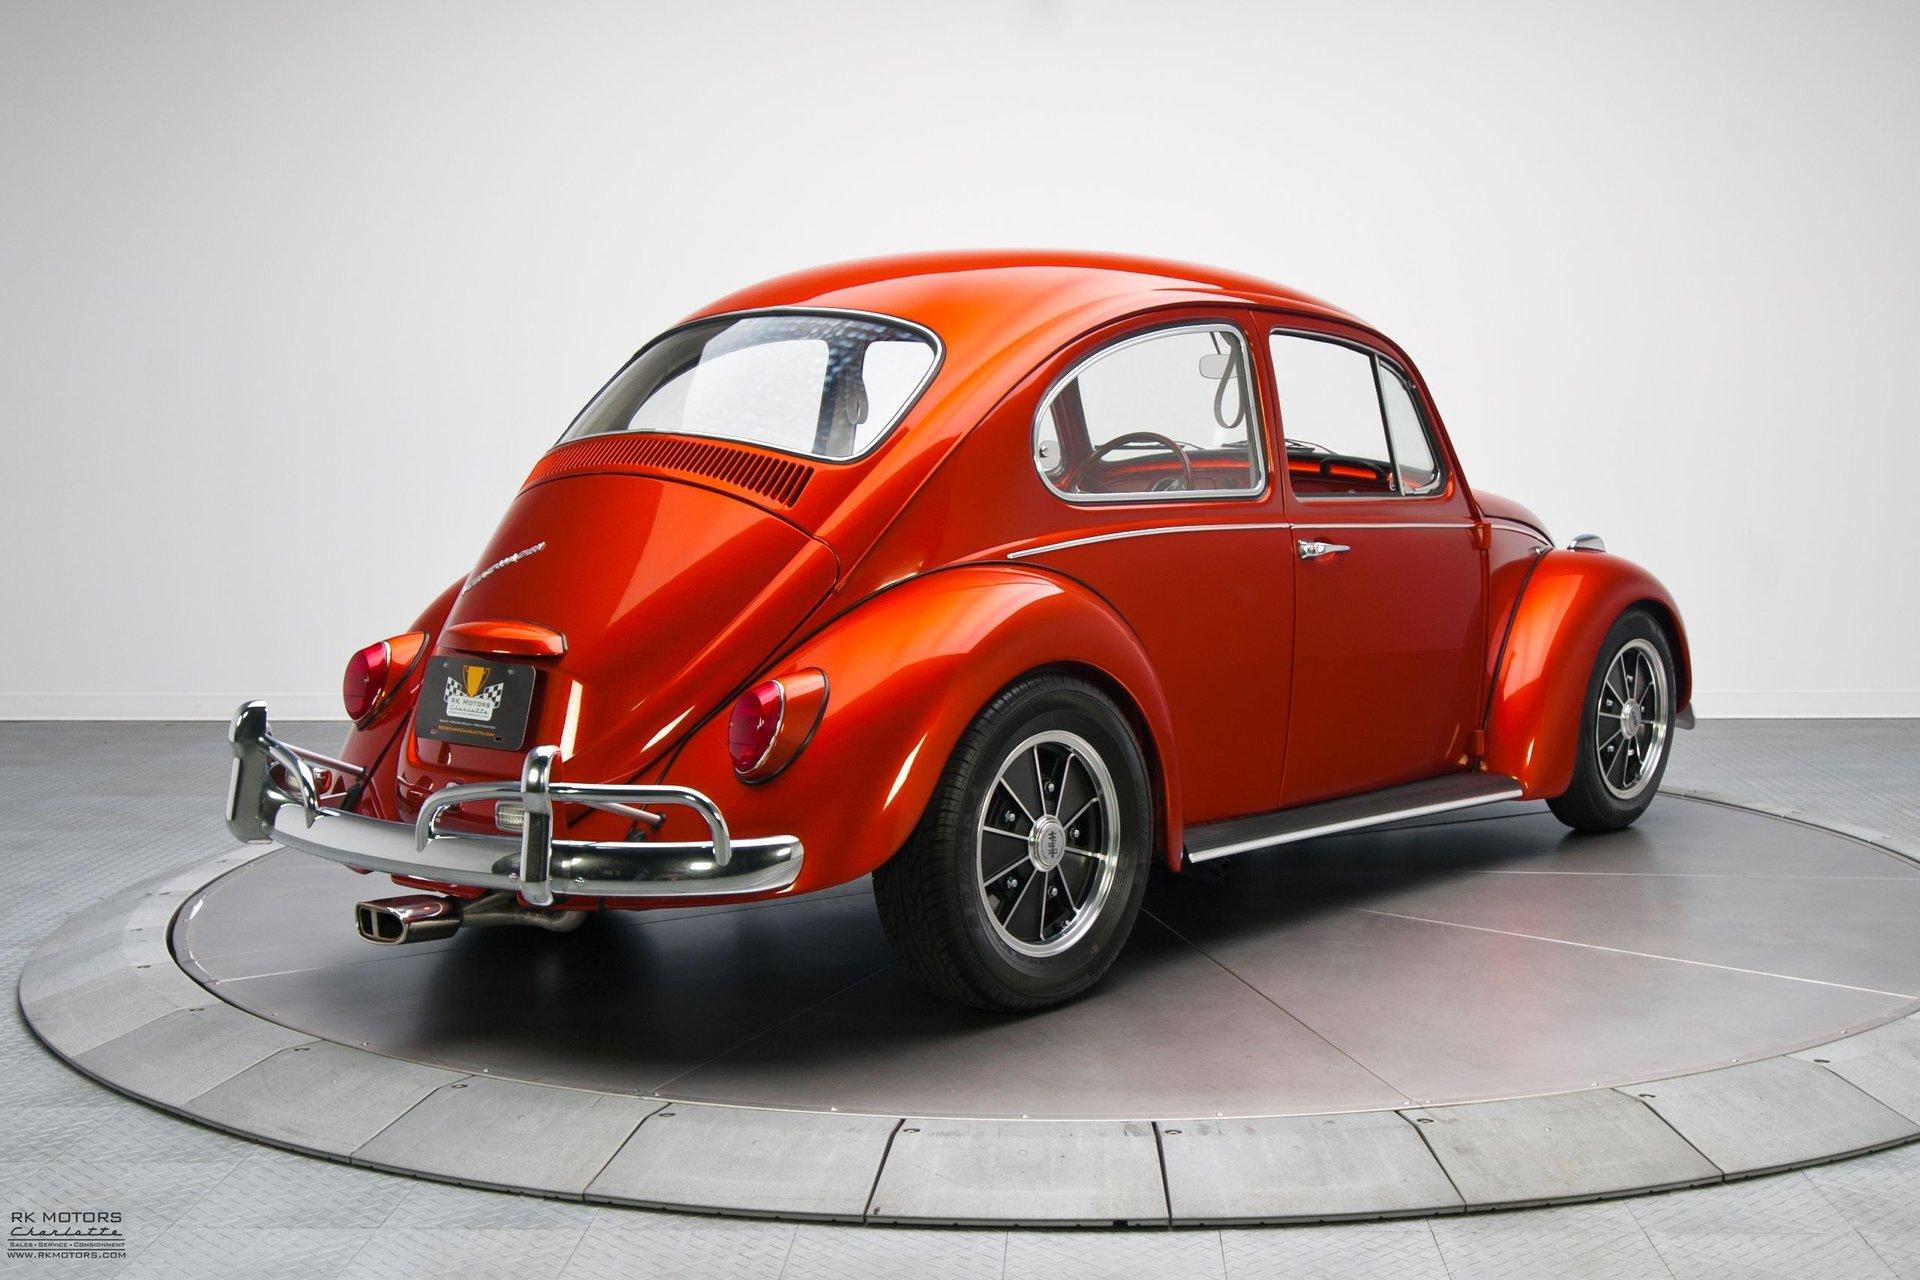 134107 1967 Volkswagen Beetle RK Motors Classic Cars for Sale